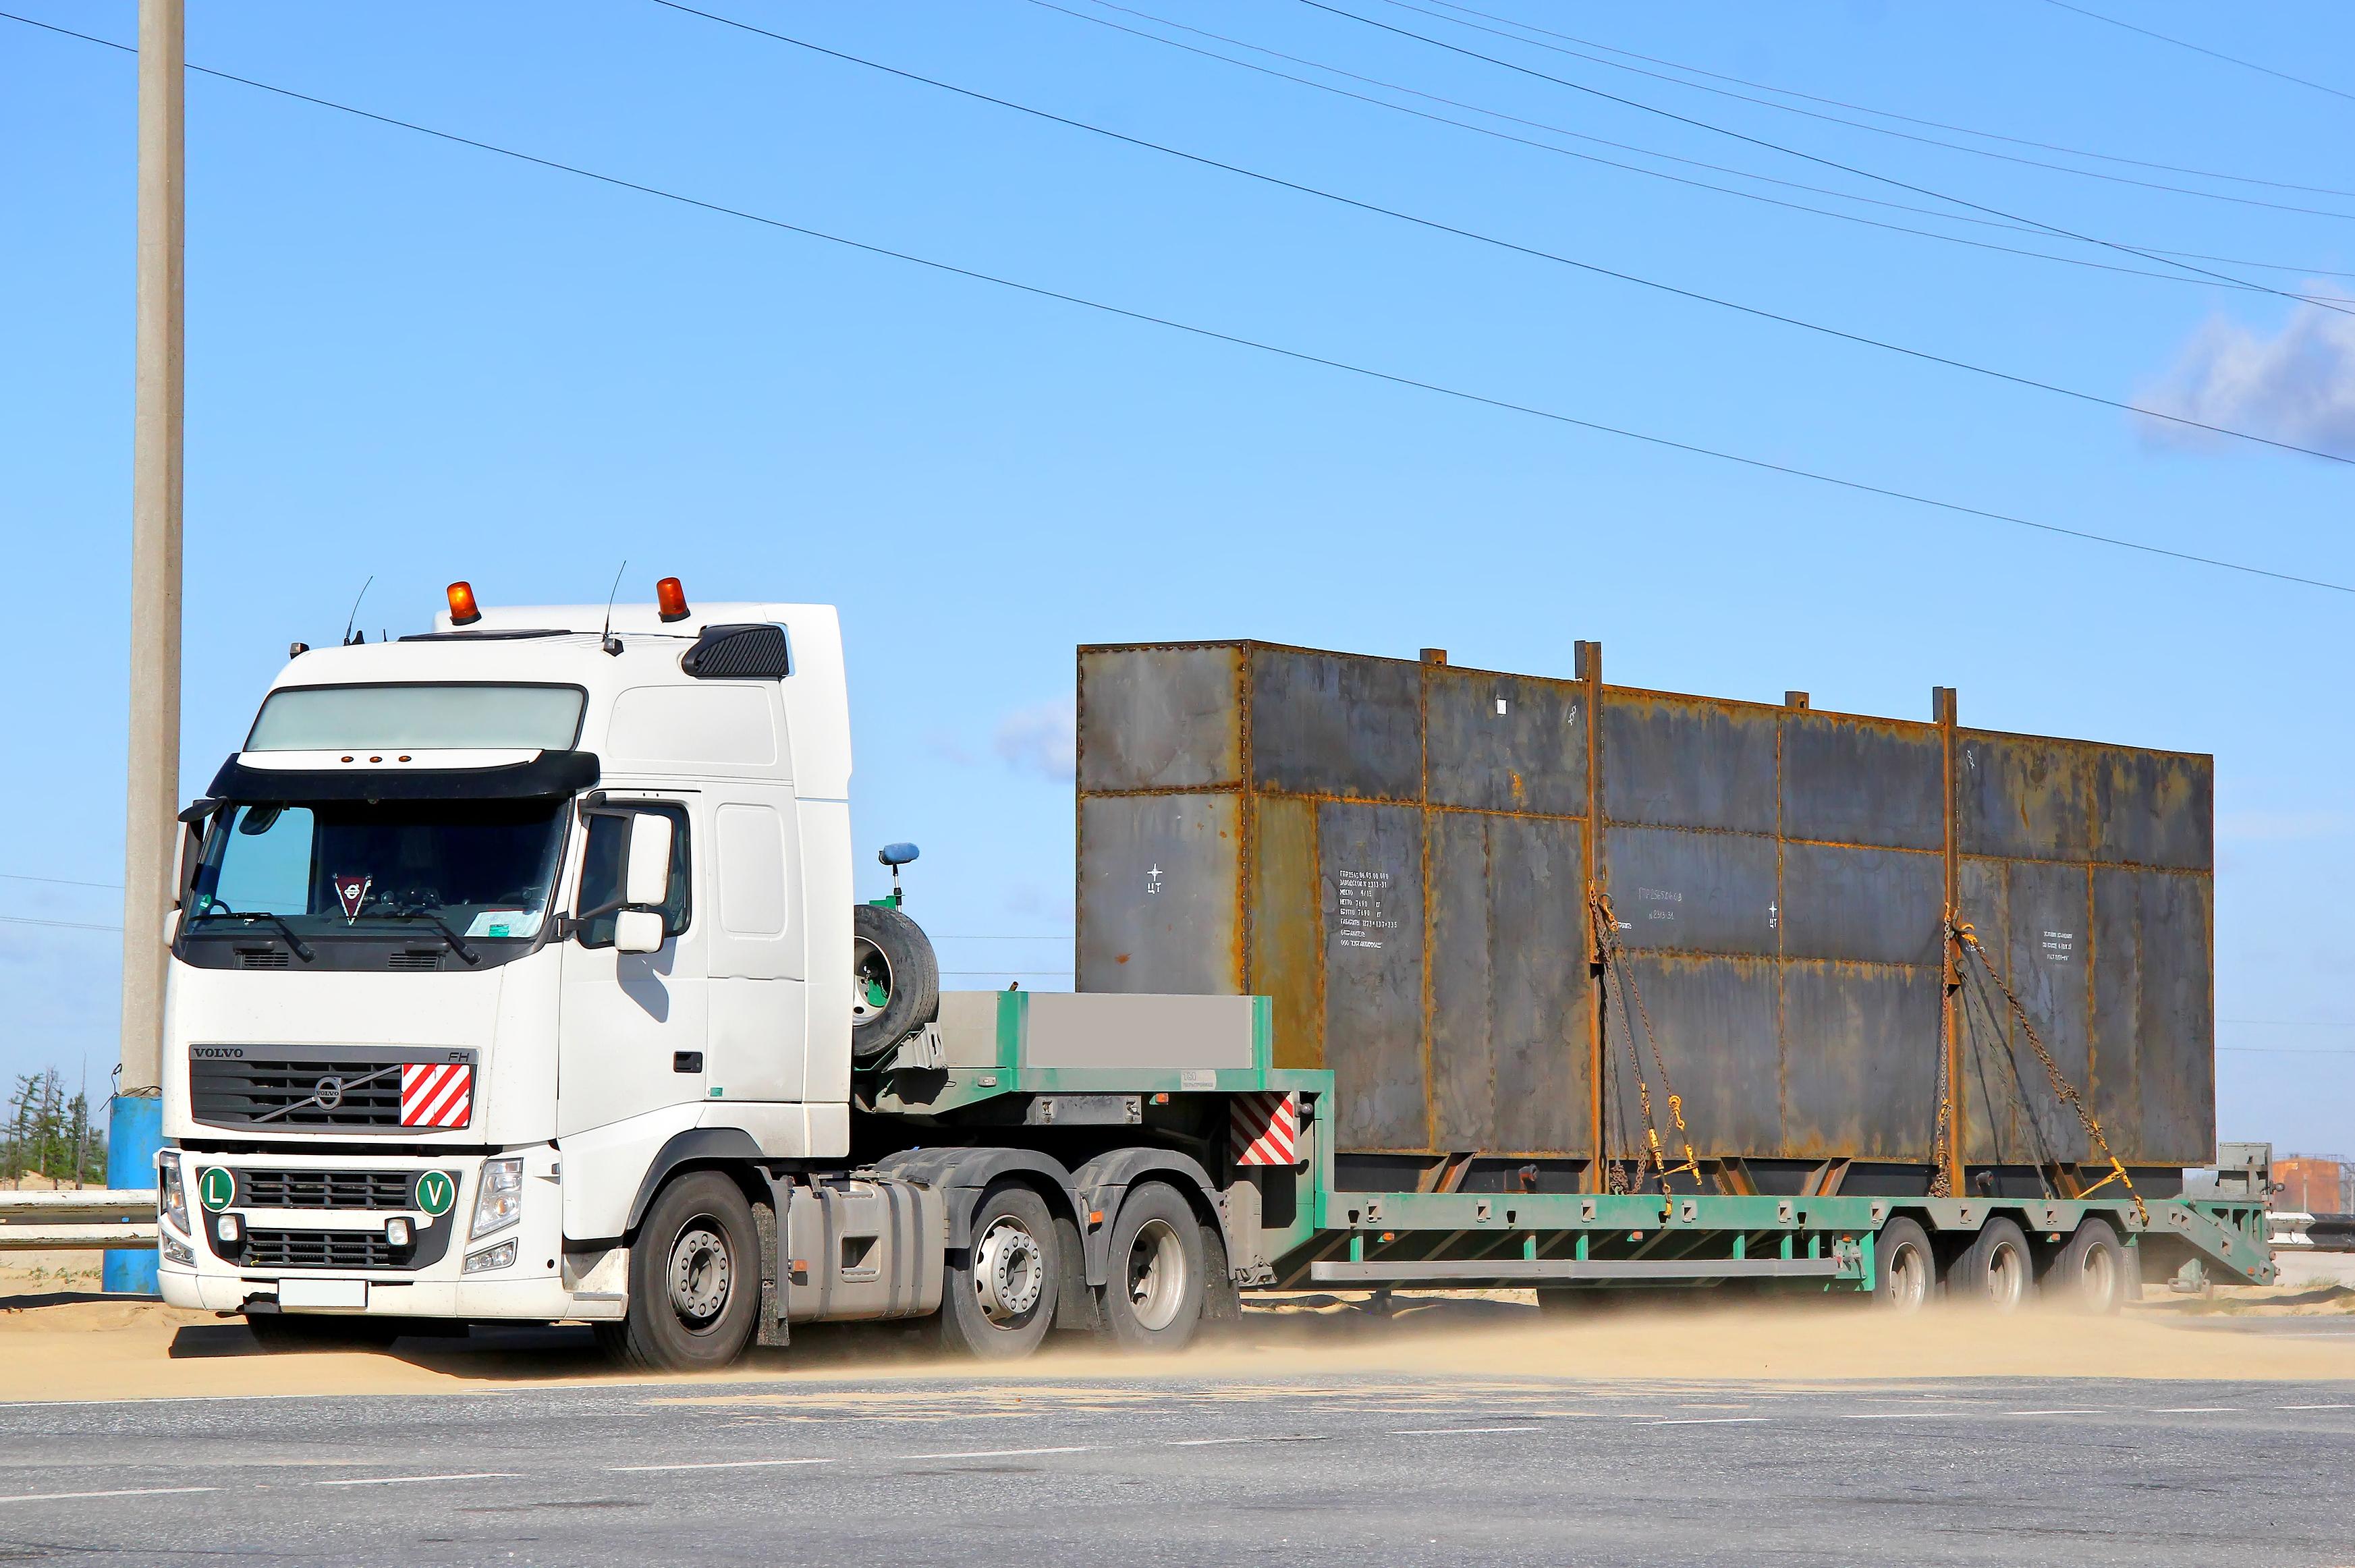 Empresa de transporte de mercancías de todo tipo por carretera, con servicio urgente 24 horas